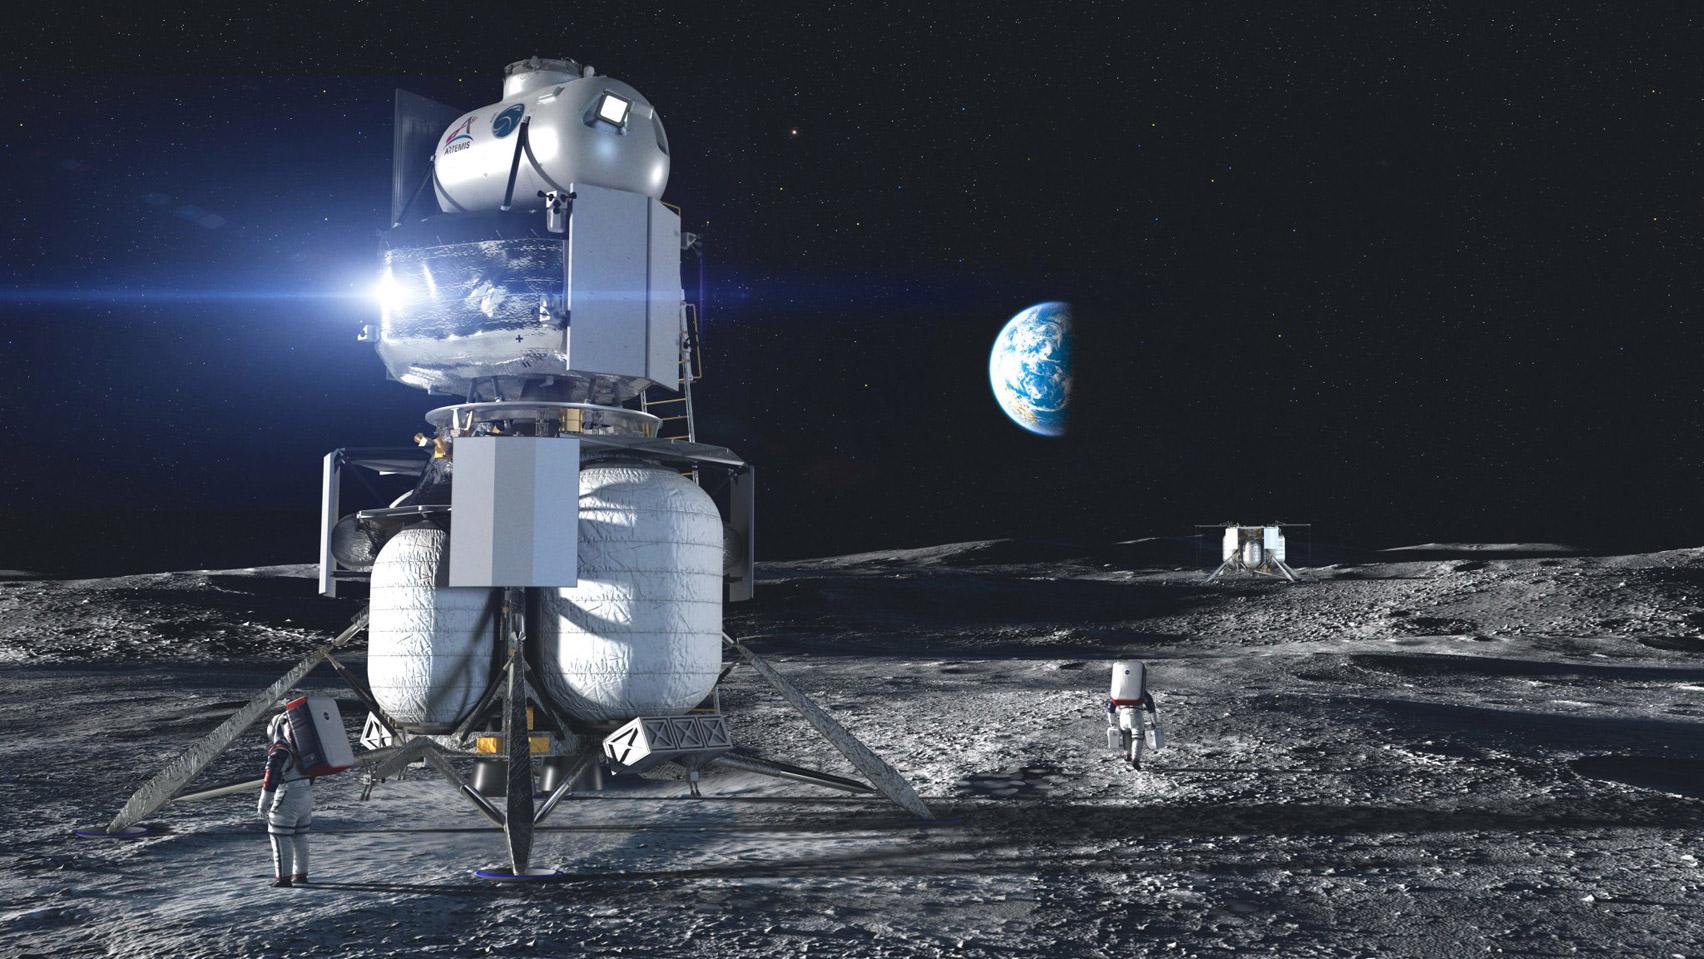 nasa, jeff bezos, blue origin, artemis, eerste vrouw op de maan